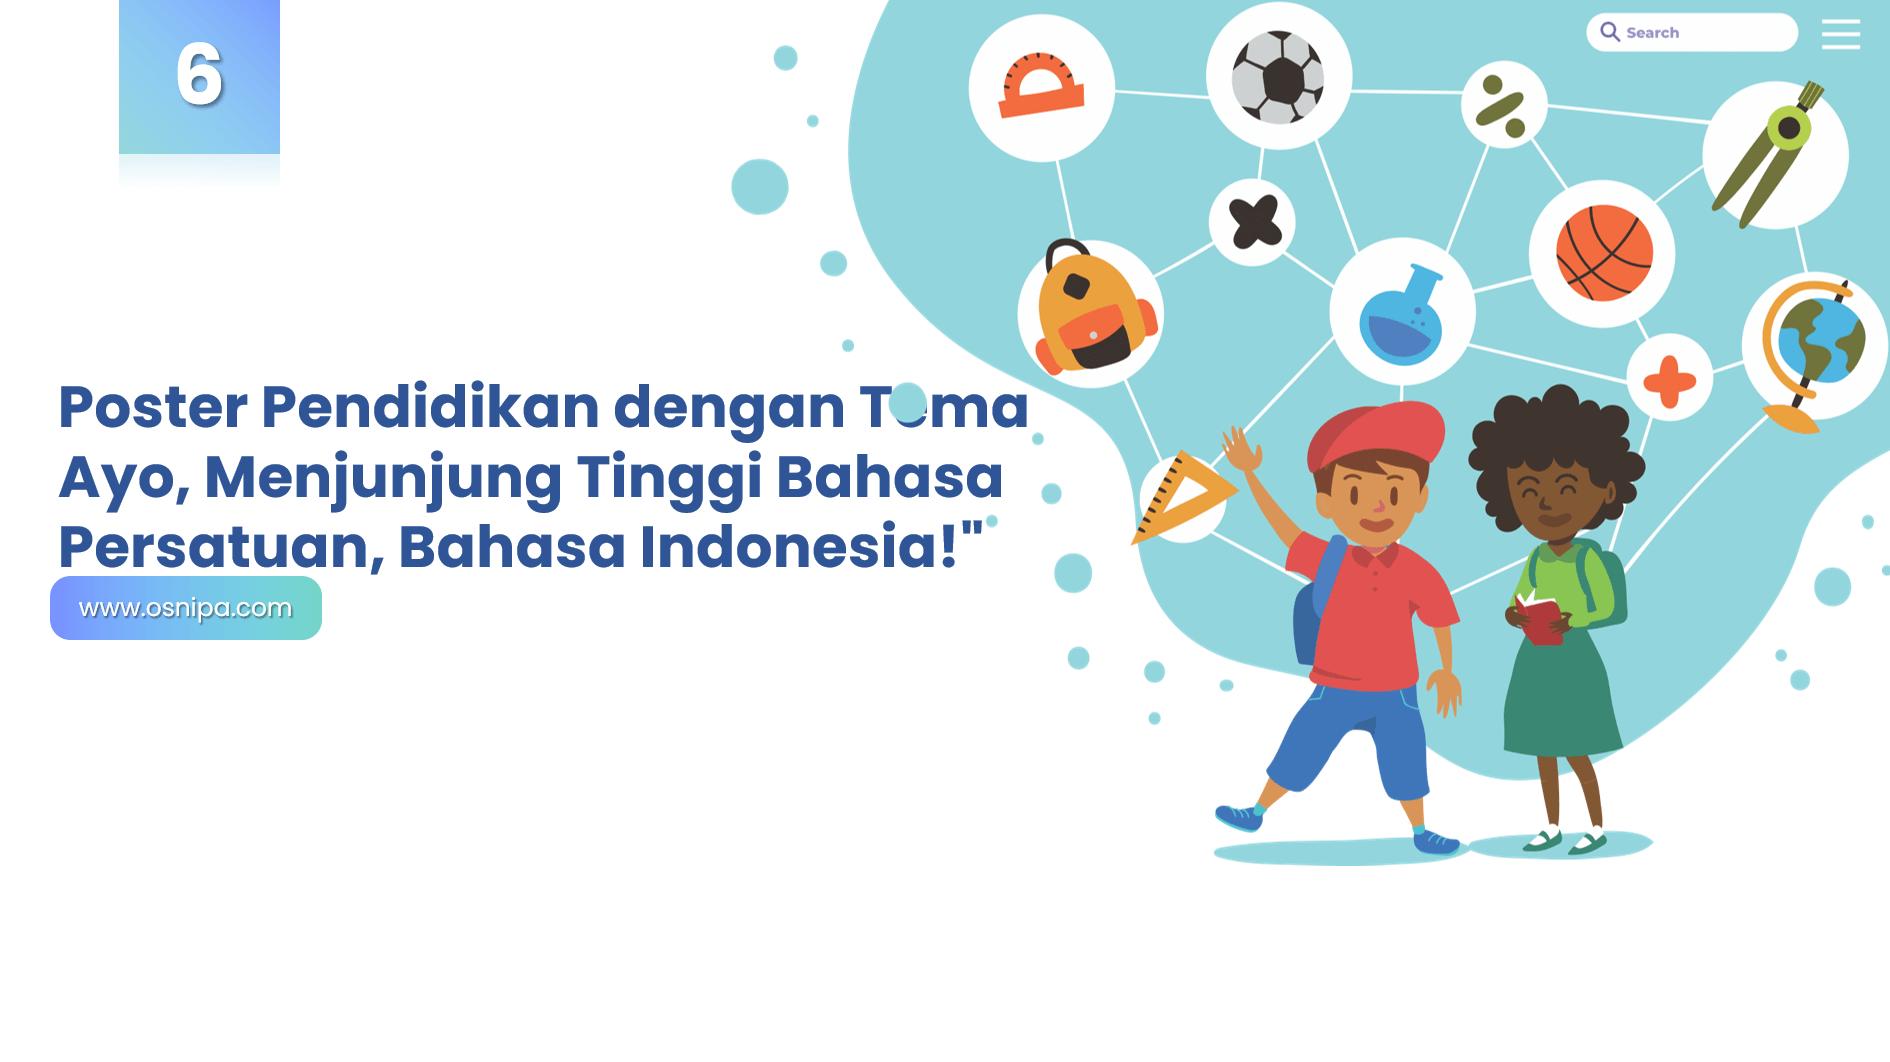 """Poster Pendidikan dengan Tema """"Ayo, Menjunjung Tinggi Bahasa Persatuan, Bahasa Indonesia!"""""""